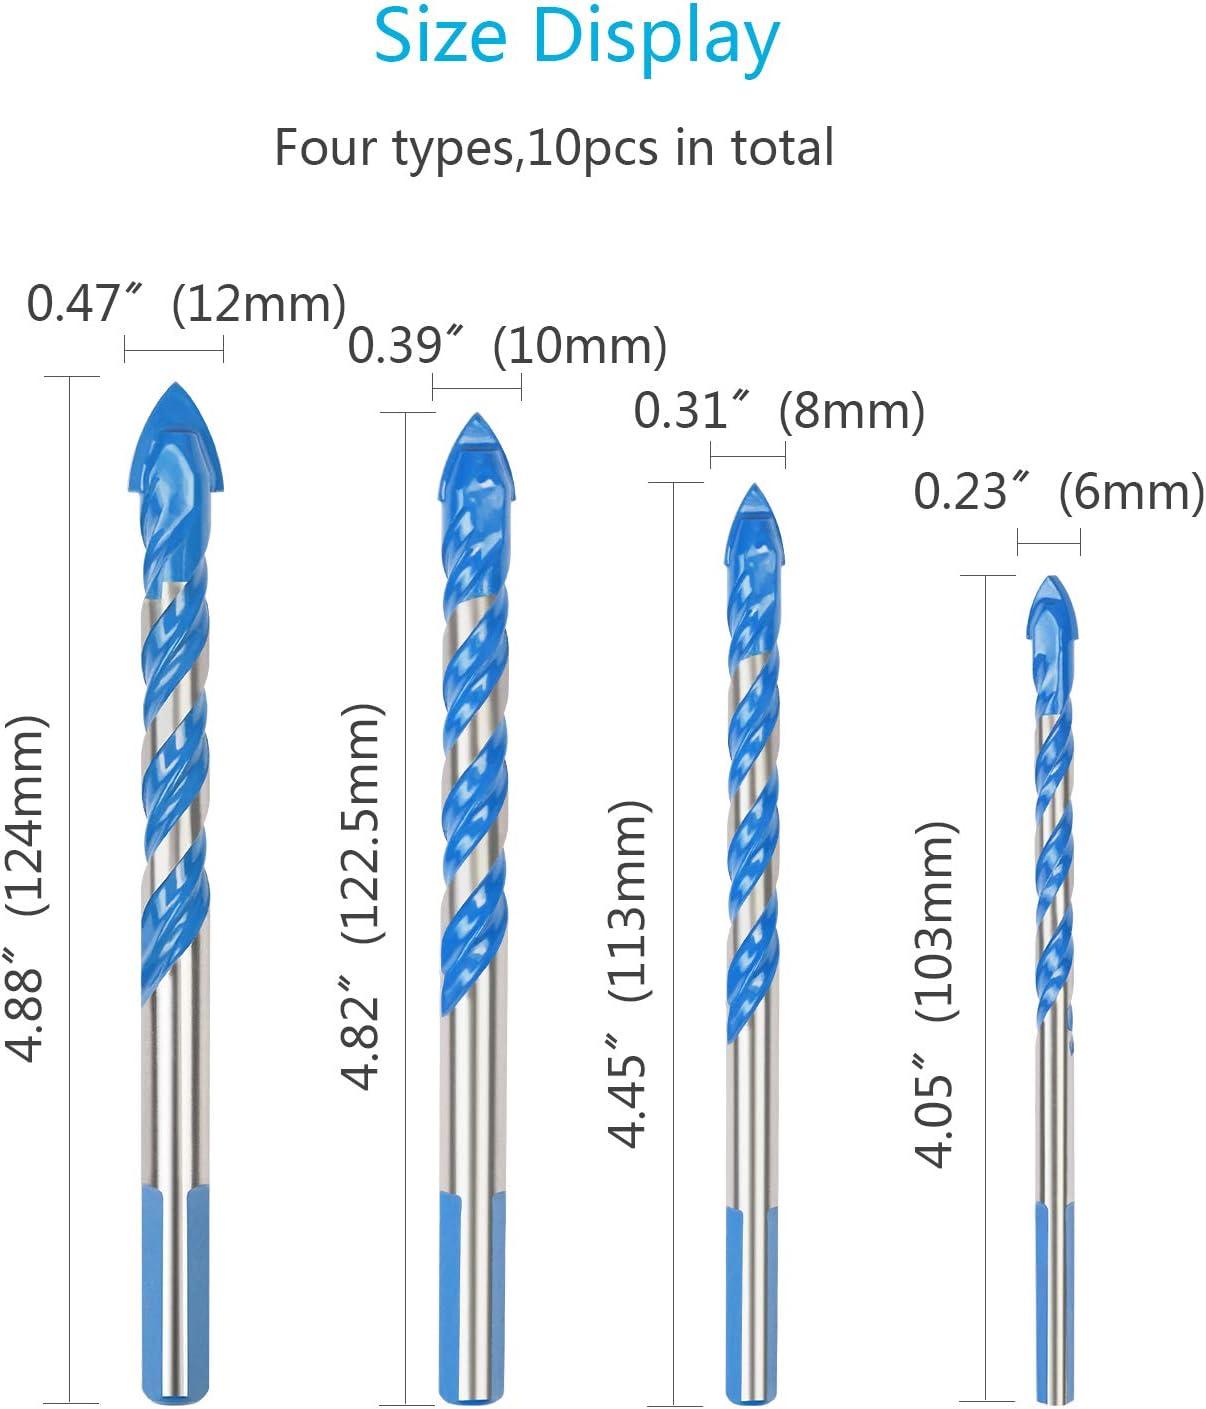 6mm// 8mm// 10mm// 12mm Forets Pour Carrelage Verre ZoomSky 10 Pcs Foret Multi-mat/ériaux Triangle Porcelaine Forage M/étalliques Pour Carrelage Verre Marbre Miroir Bois